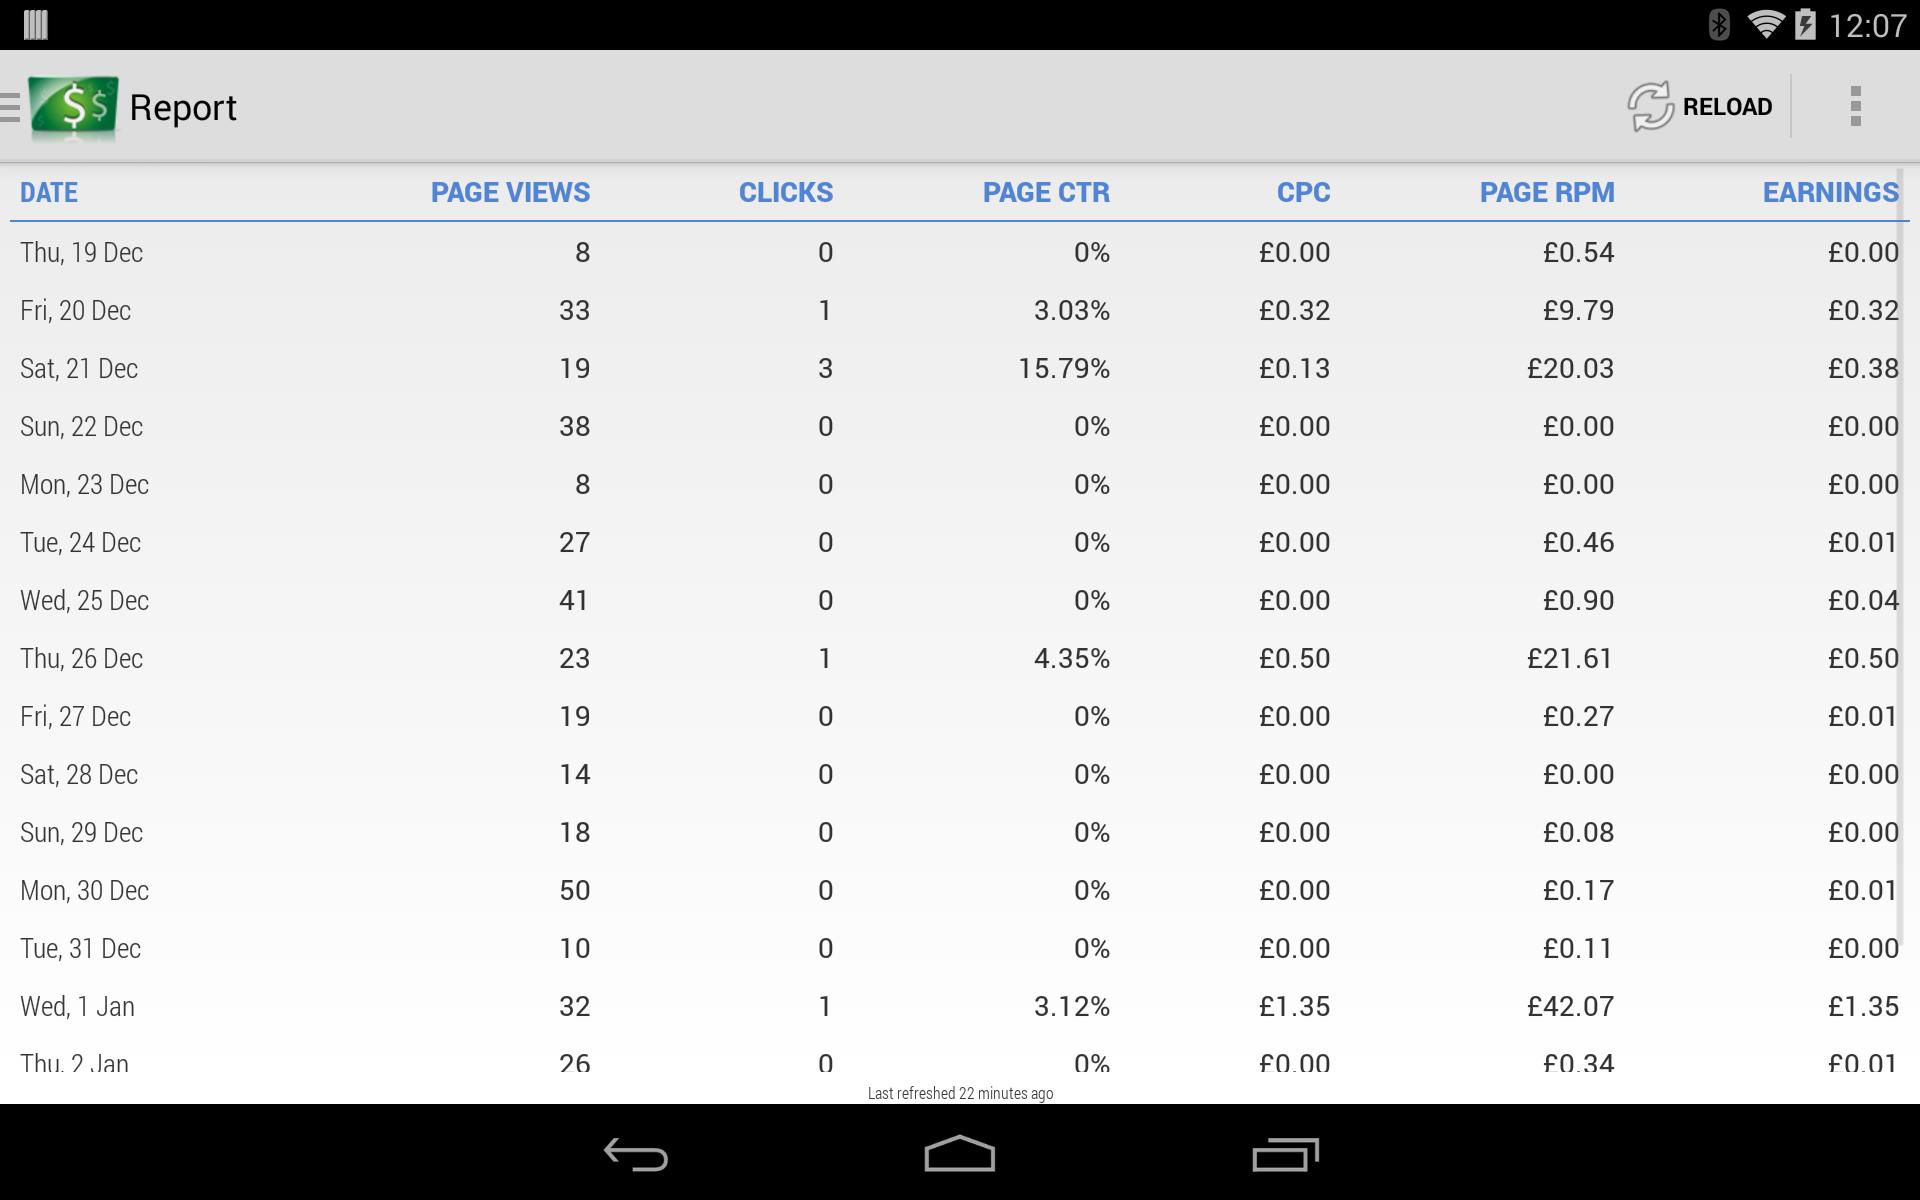 AdSense Dashboard screenshot #12